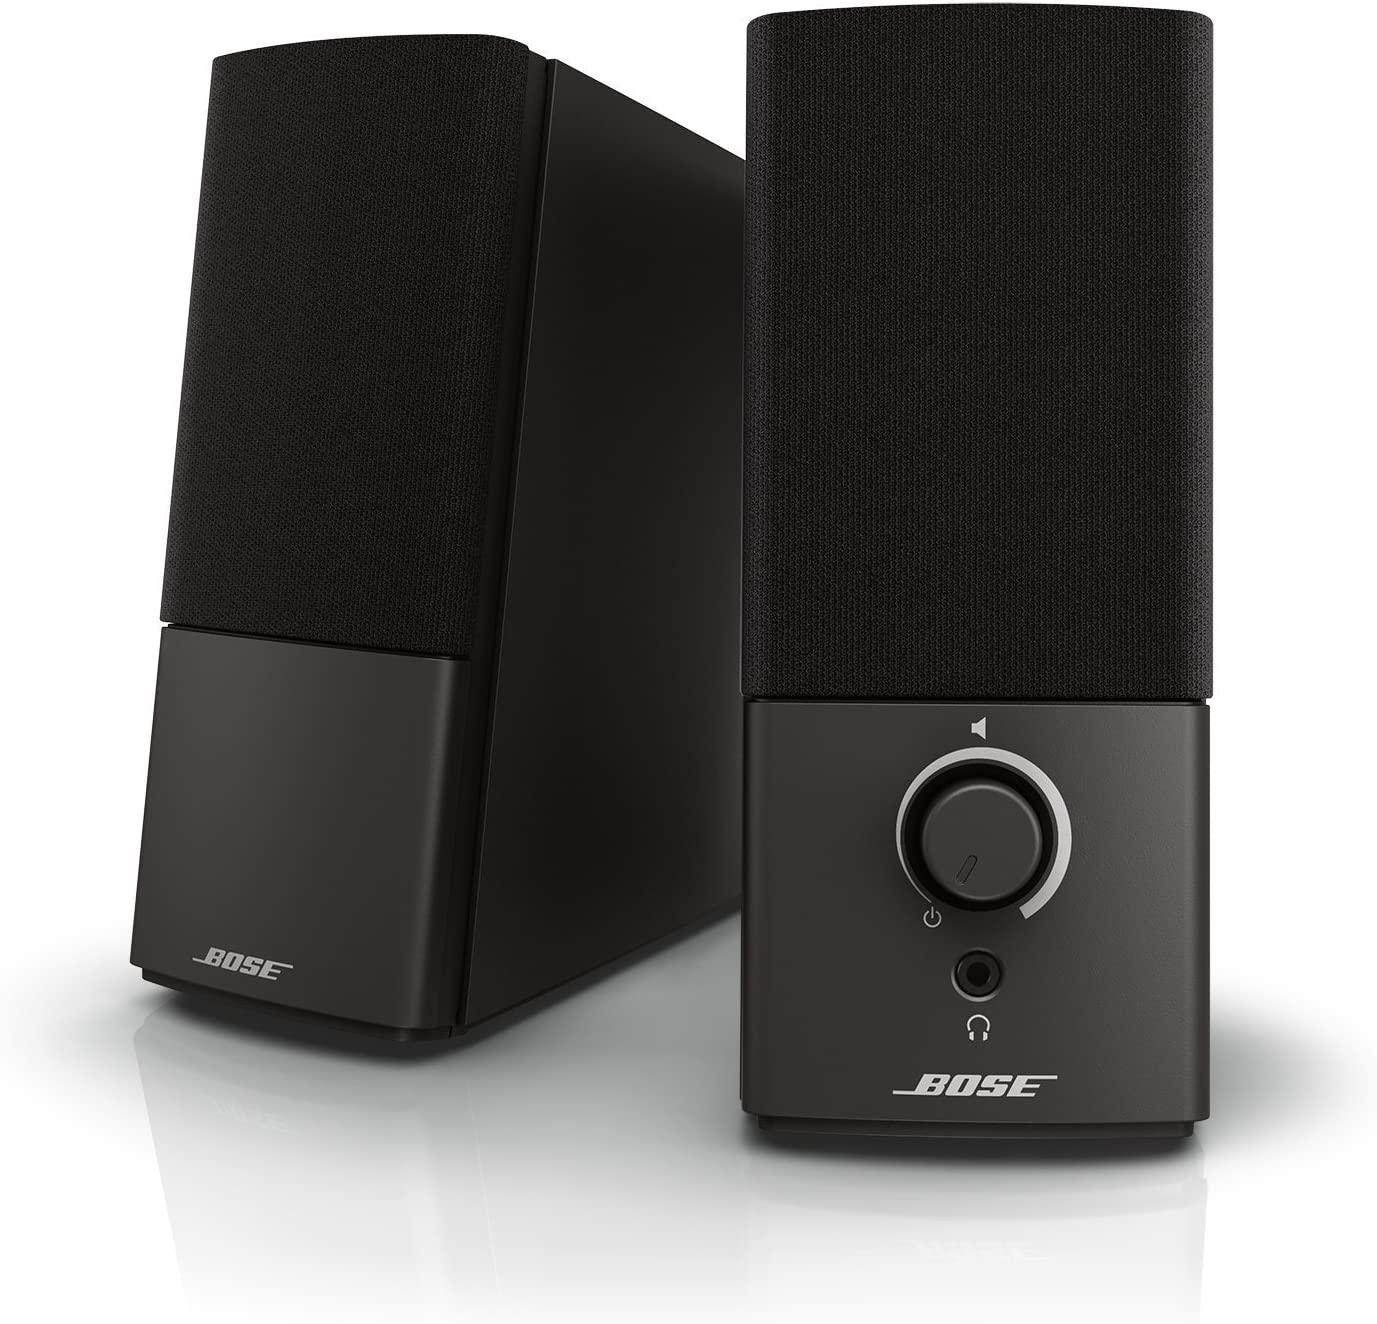 2.예상수령일 2-6일 이내 BOSE (보스) Bose Companion 2 Series III multimedia speaker system PC 스피커, 상세 설명 참조0